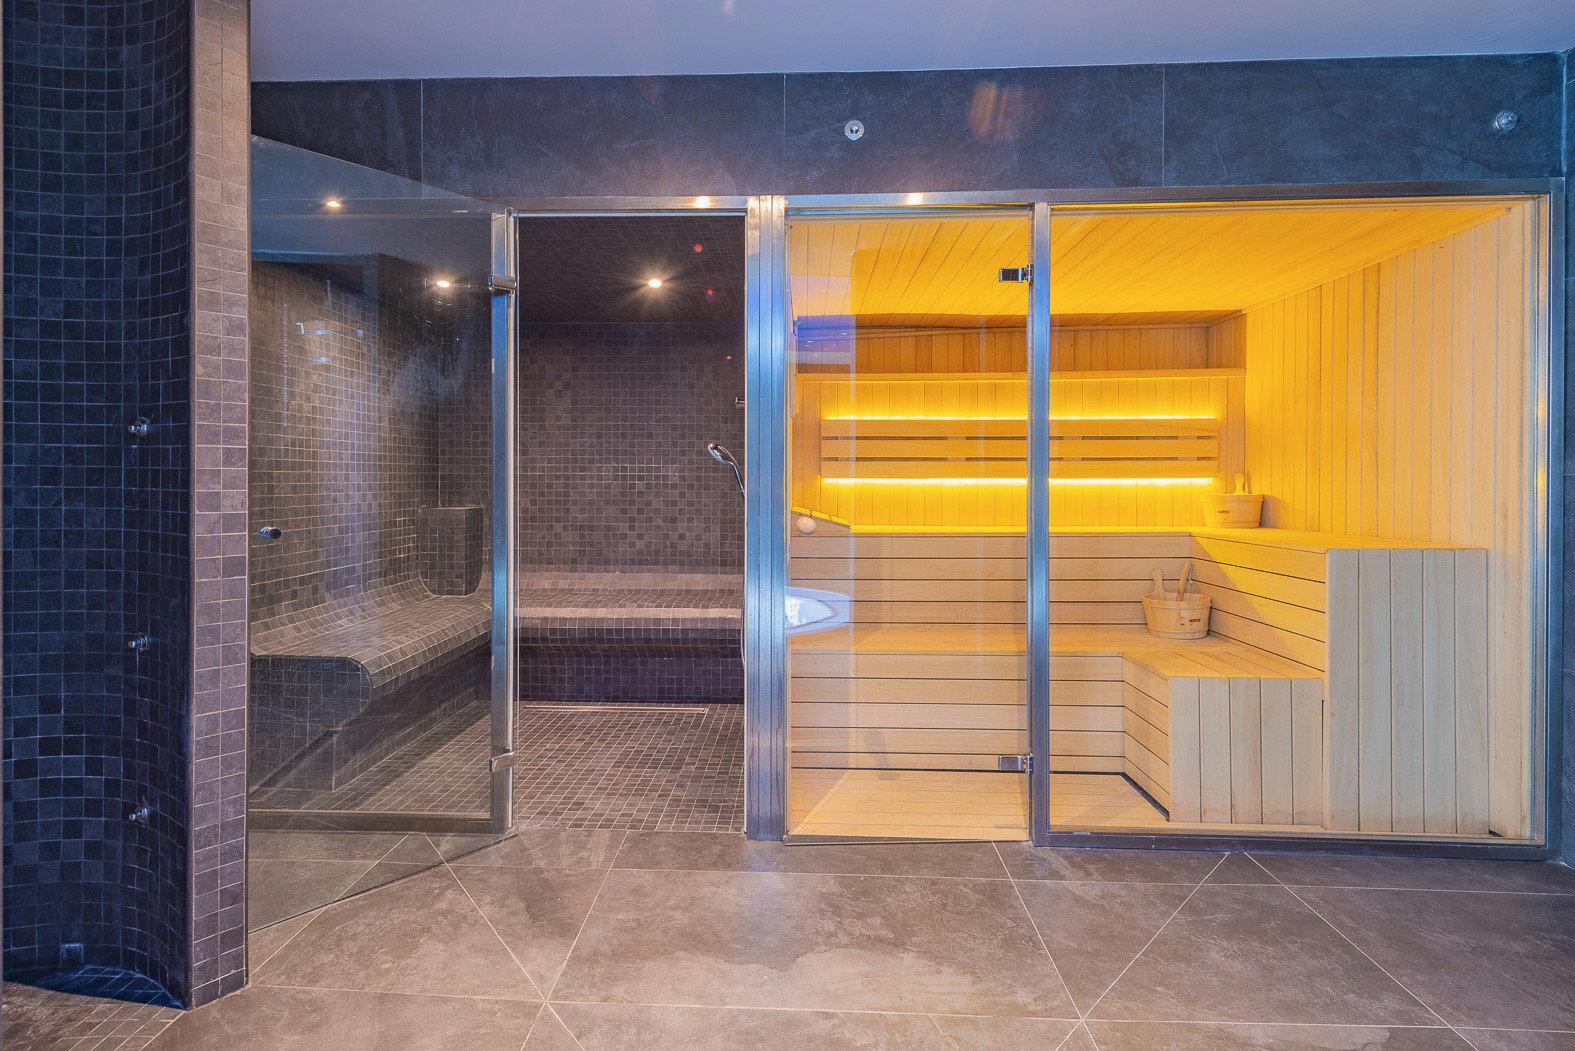 Wunderschöner Saunabereich